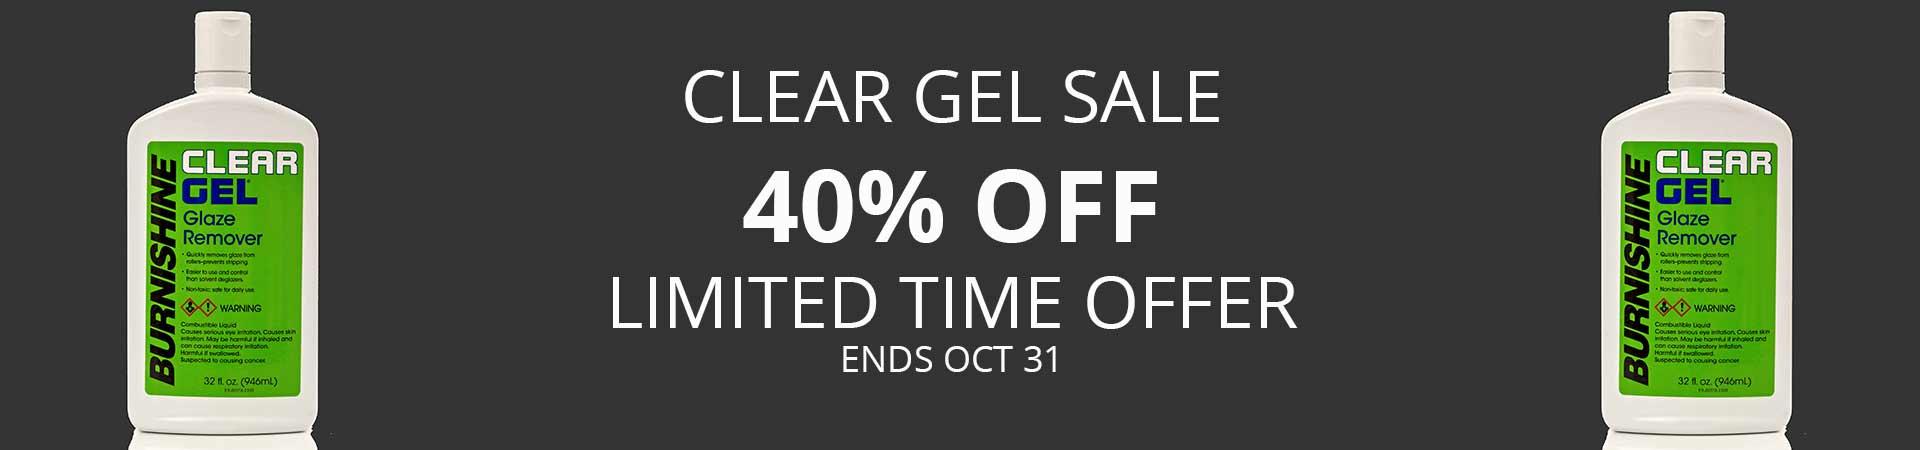 Clear Gel Sale